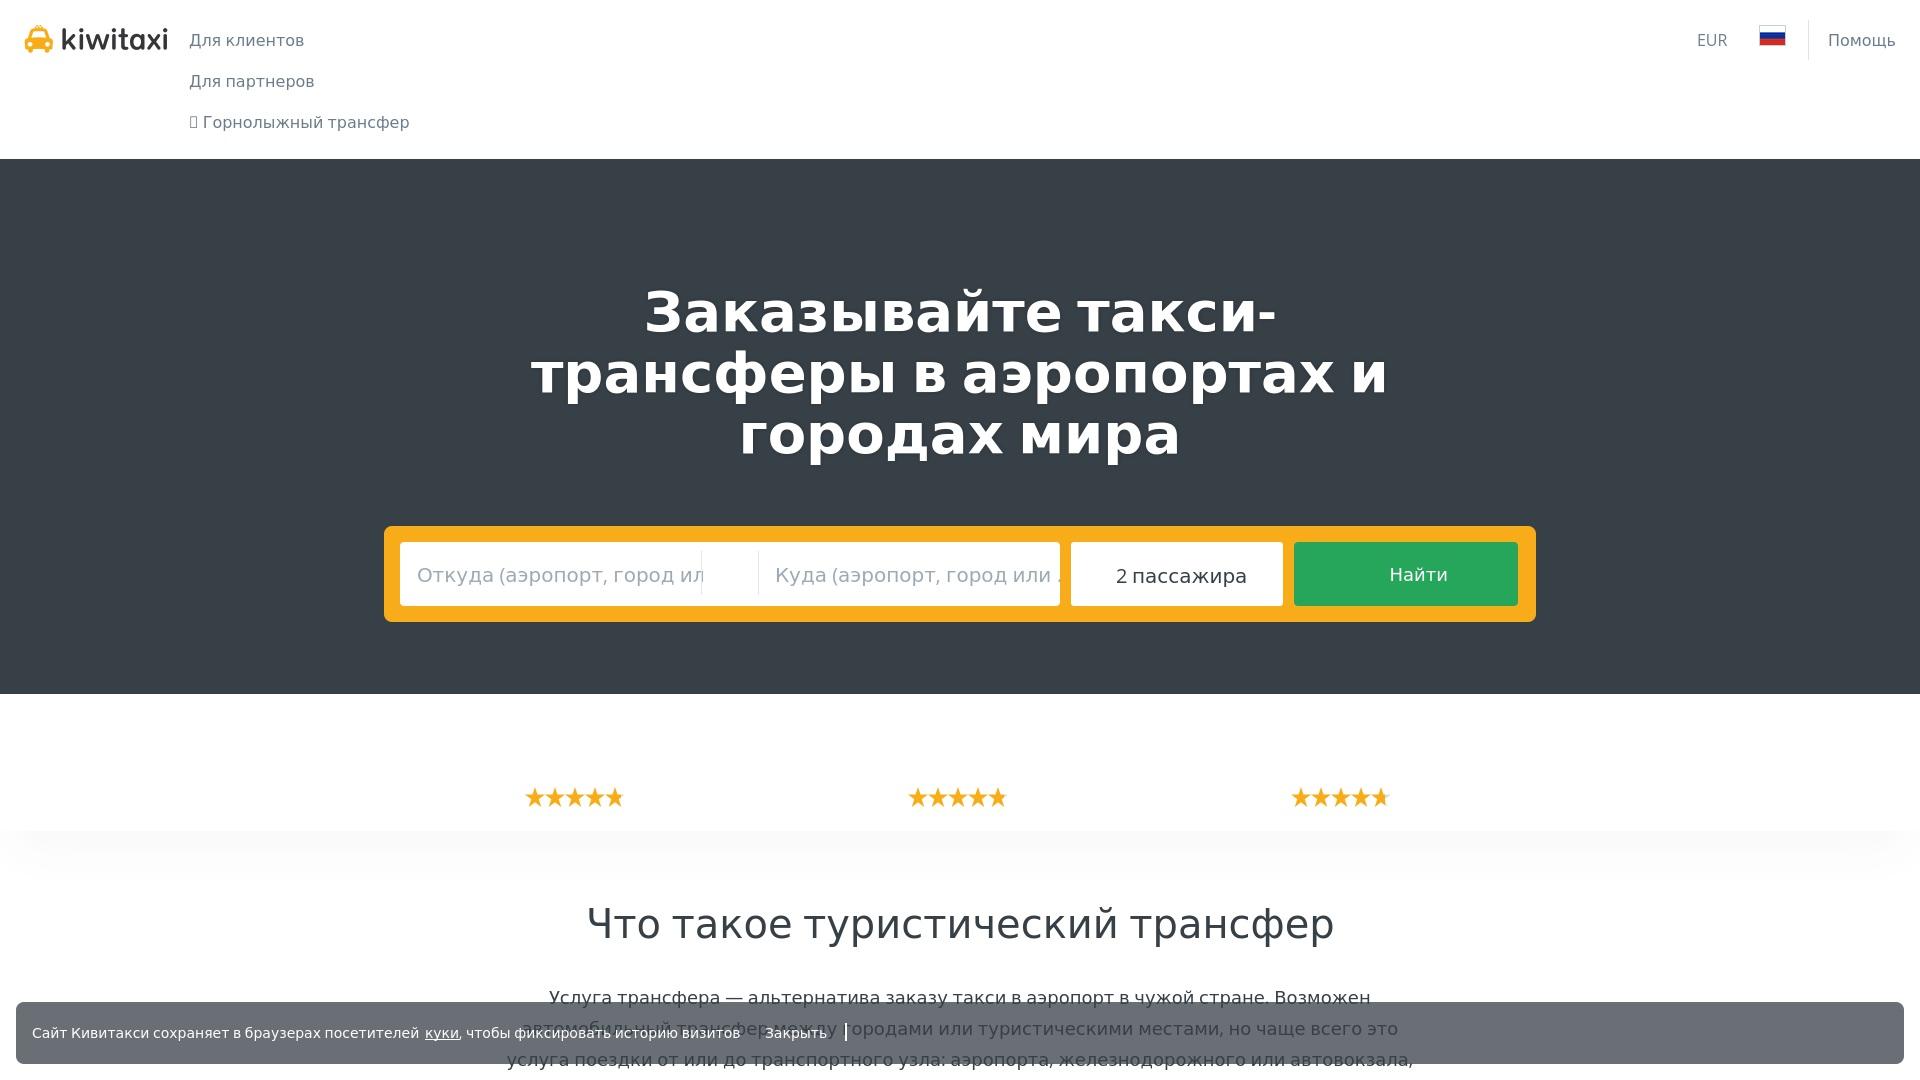 Gutschein für Kiwitaxi: Rabatte für  Kiwitaxi sichern